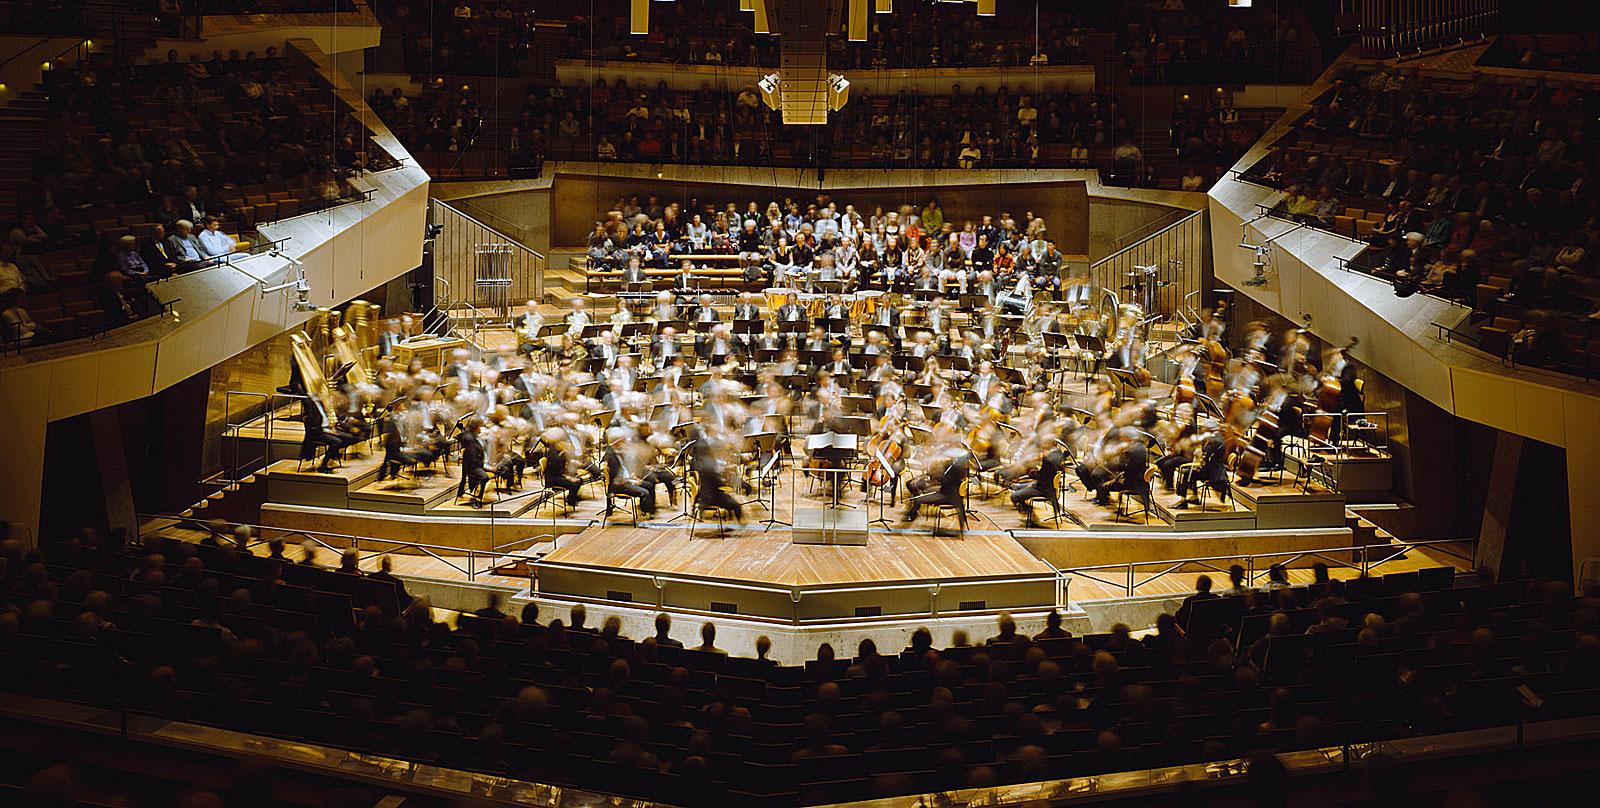 Bela Bartok, Der holzgeschnitzte Prinz, Sz 60, Philharmonie Berlin (21.18 - 22.14 Uhr, 6.5.2010)